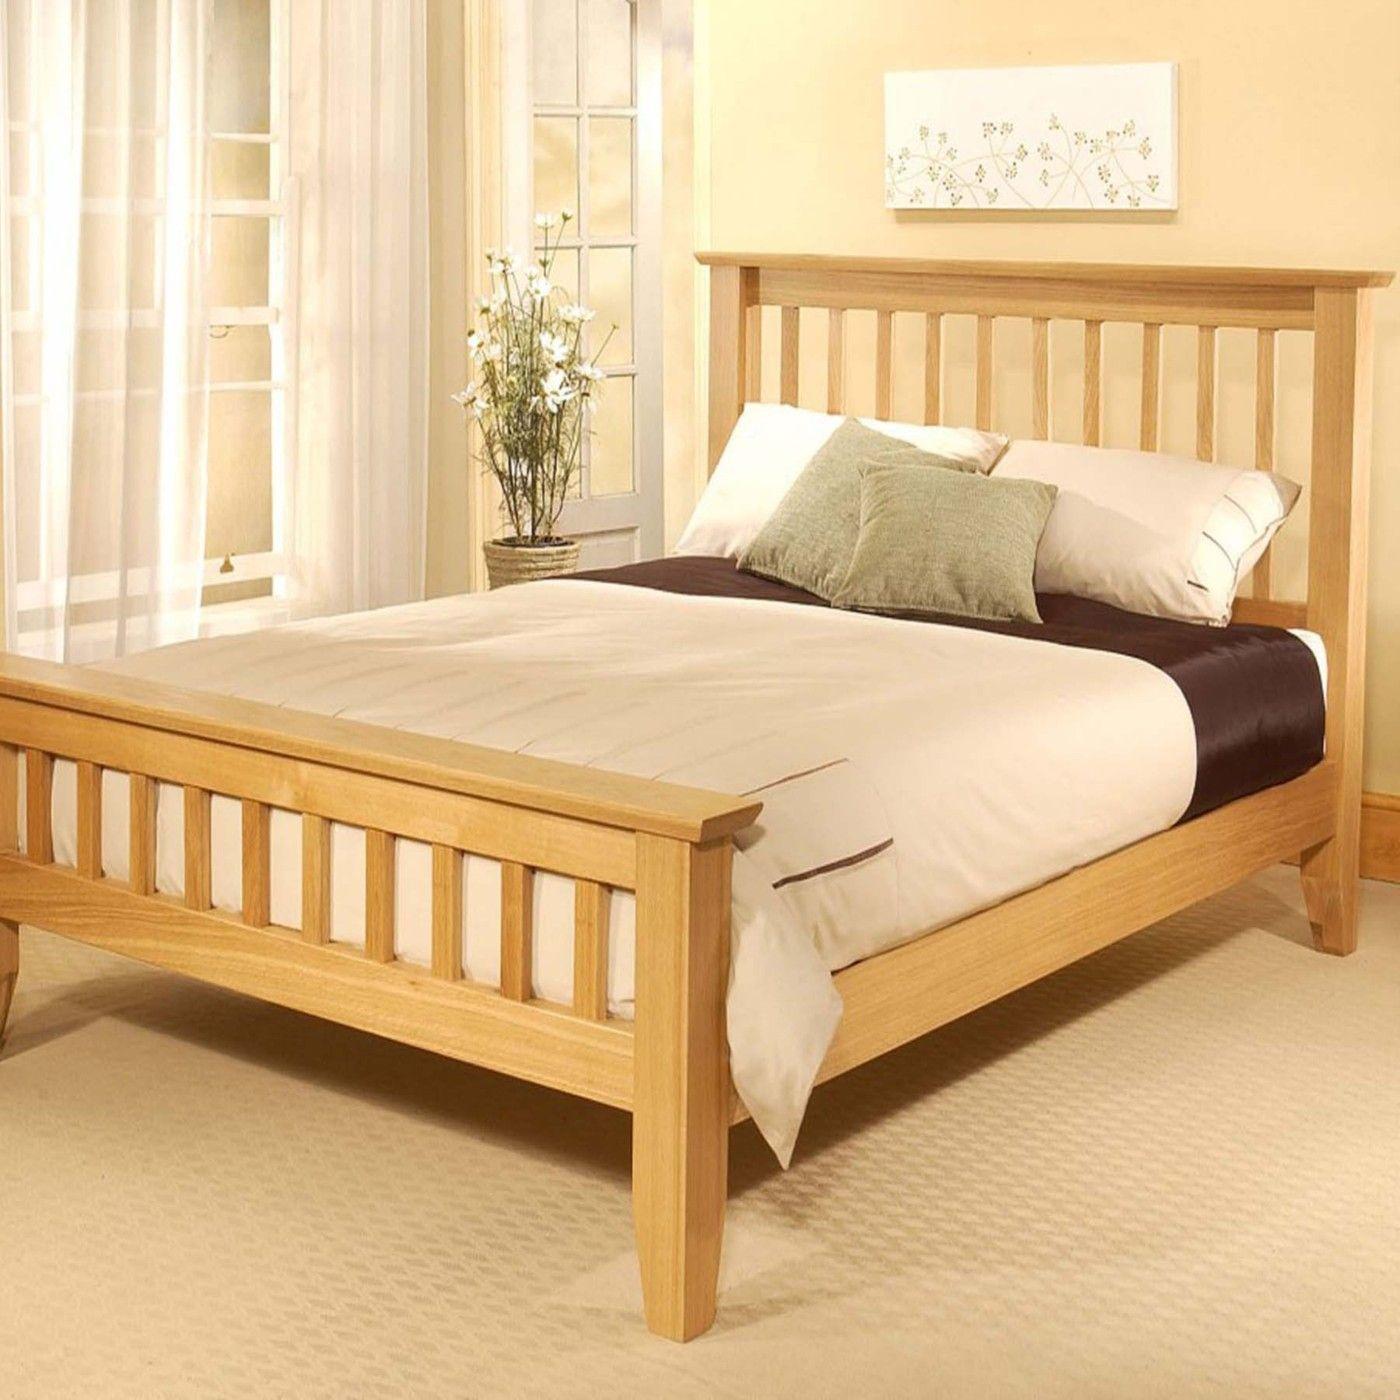 Download Woodworking Bed Frame Plans Diy Free Missionary Plans Woodworking Furniture Woodworking Plans Pdf Download Oak Bed Frame Bed Frame Design Bed Design